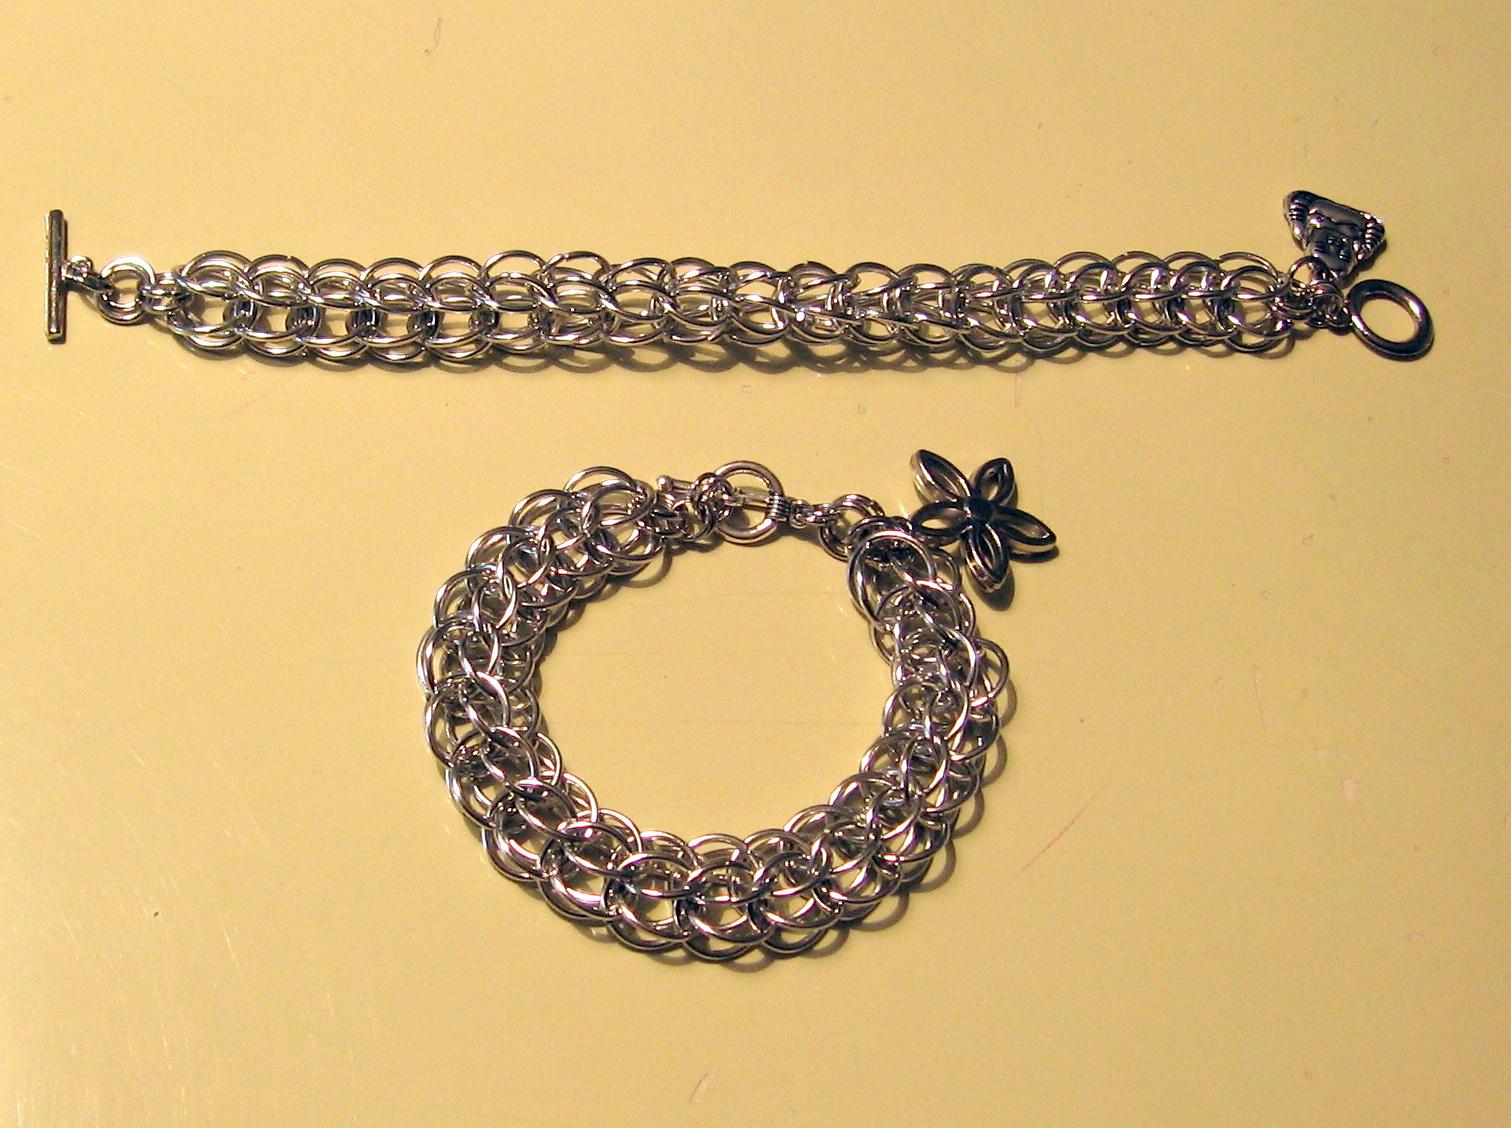 Tartaruga accesorios tejido persa for Tejido persa